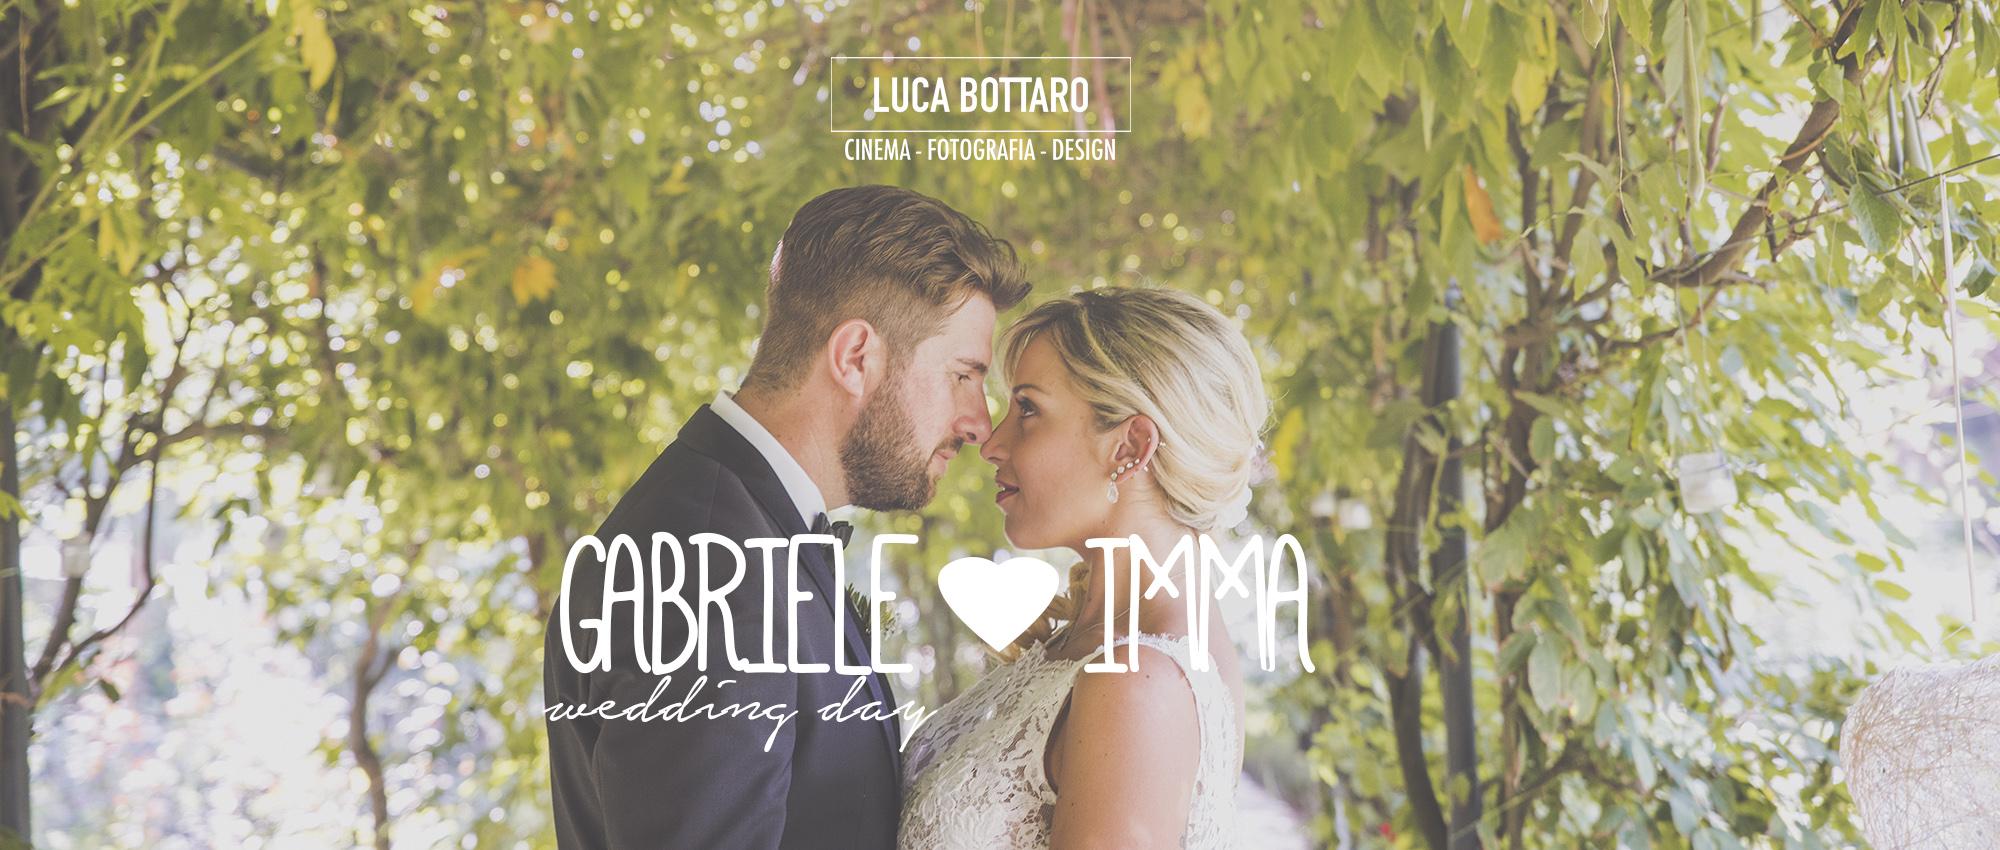 AMERICAN WEDDING fotografo napoli copia